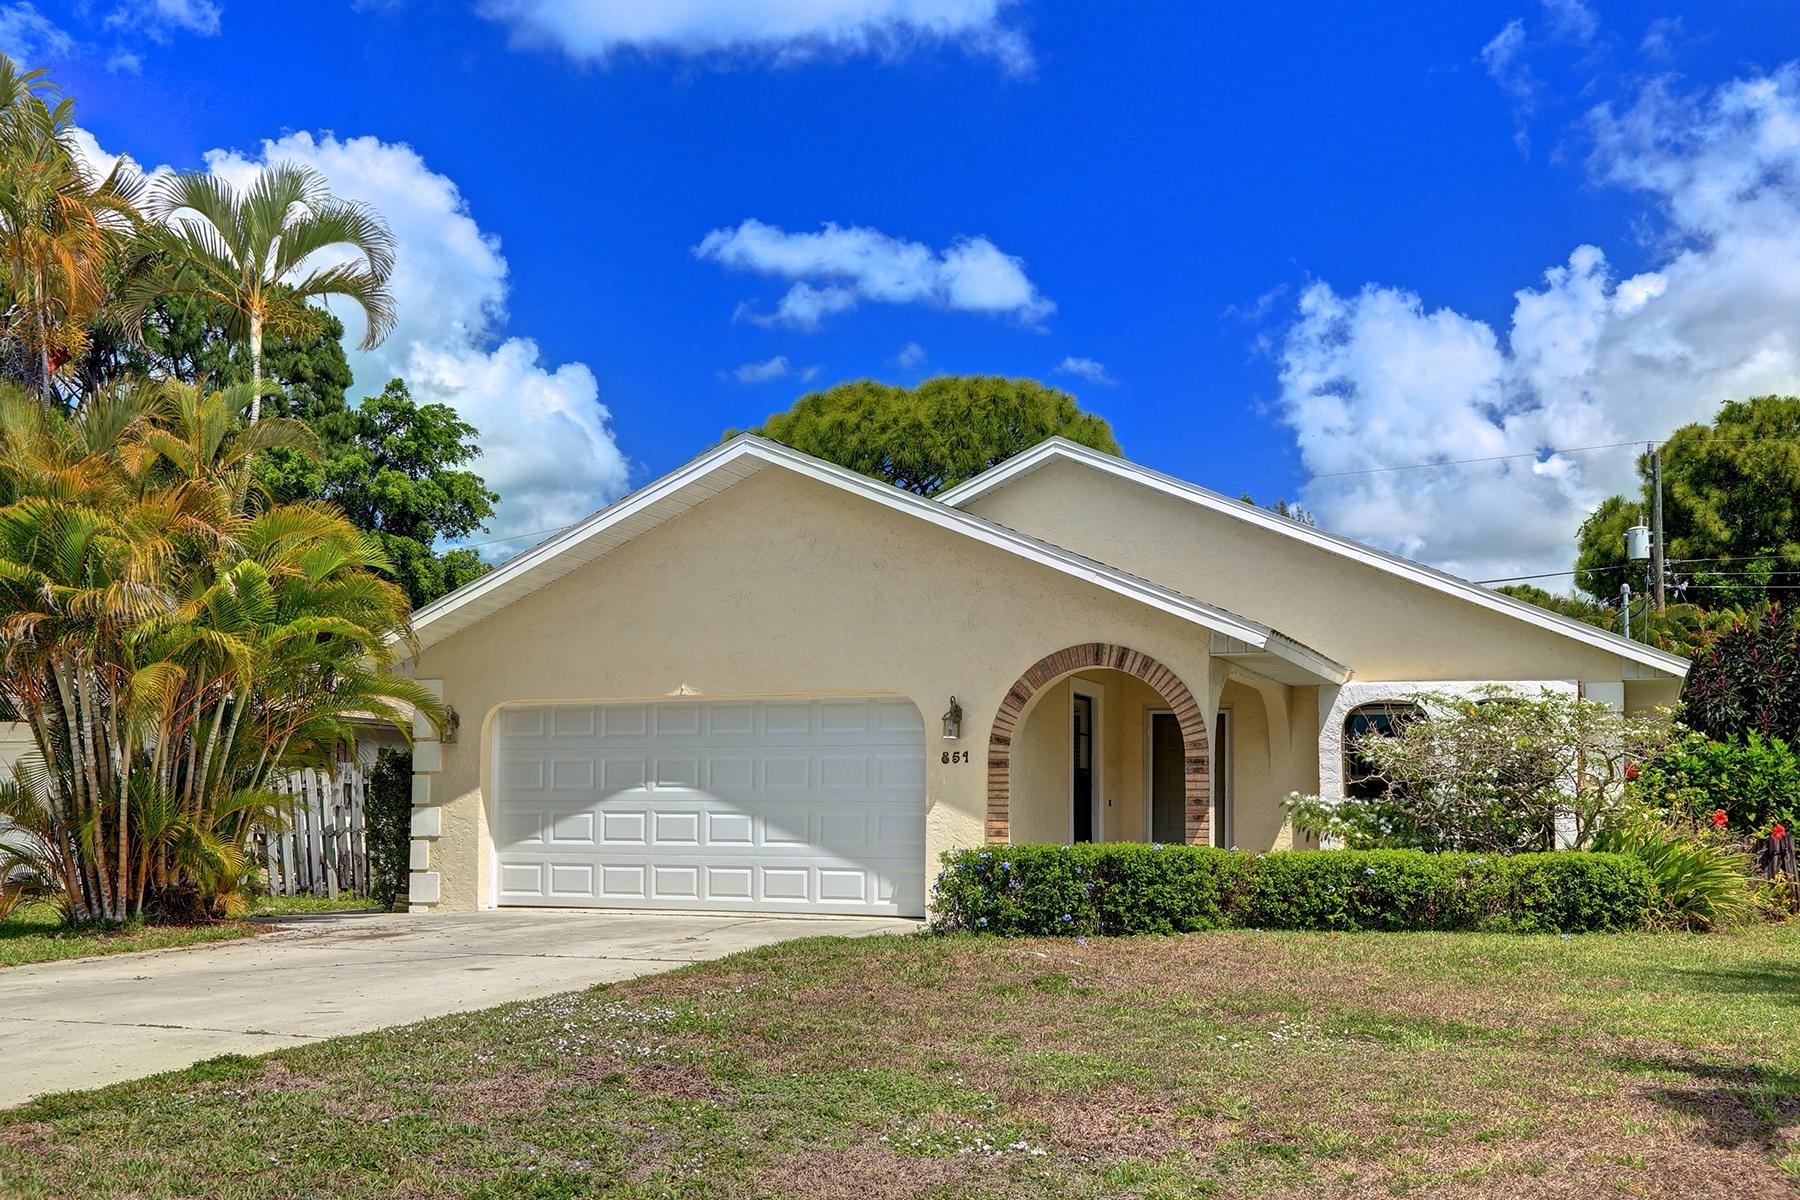 独户住宅 为 销售 在 NAPLES PARK 851 92nd Ave N Naples, 佛罗里达州 34108 美国